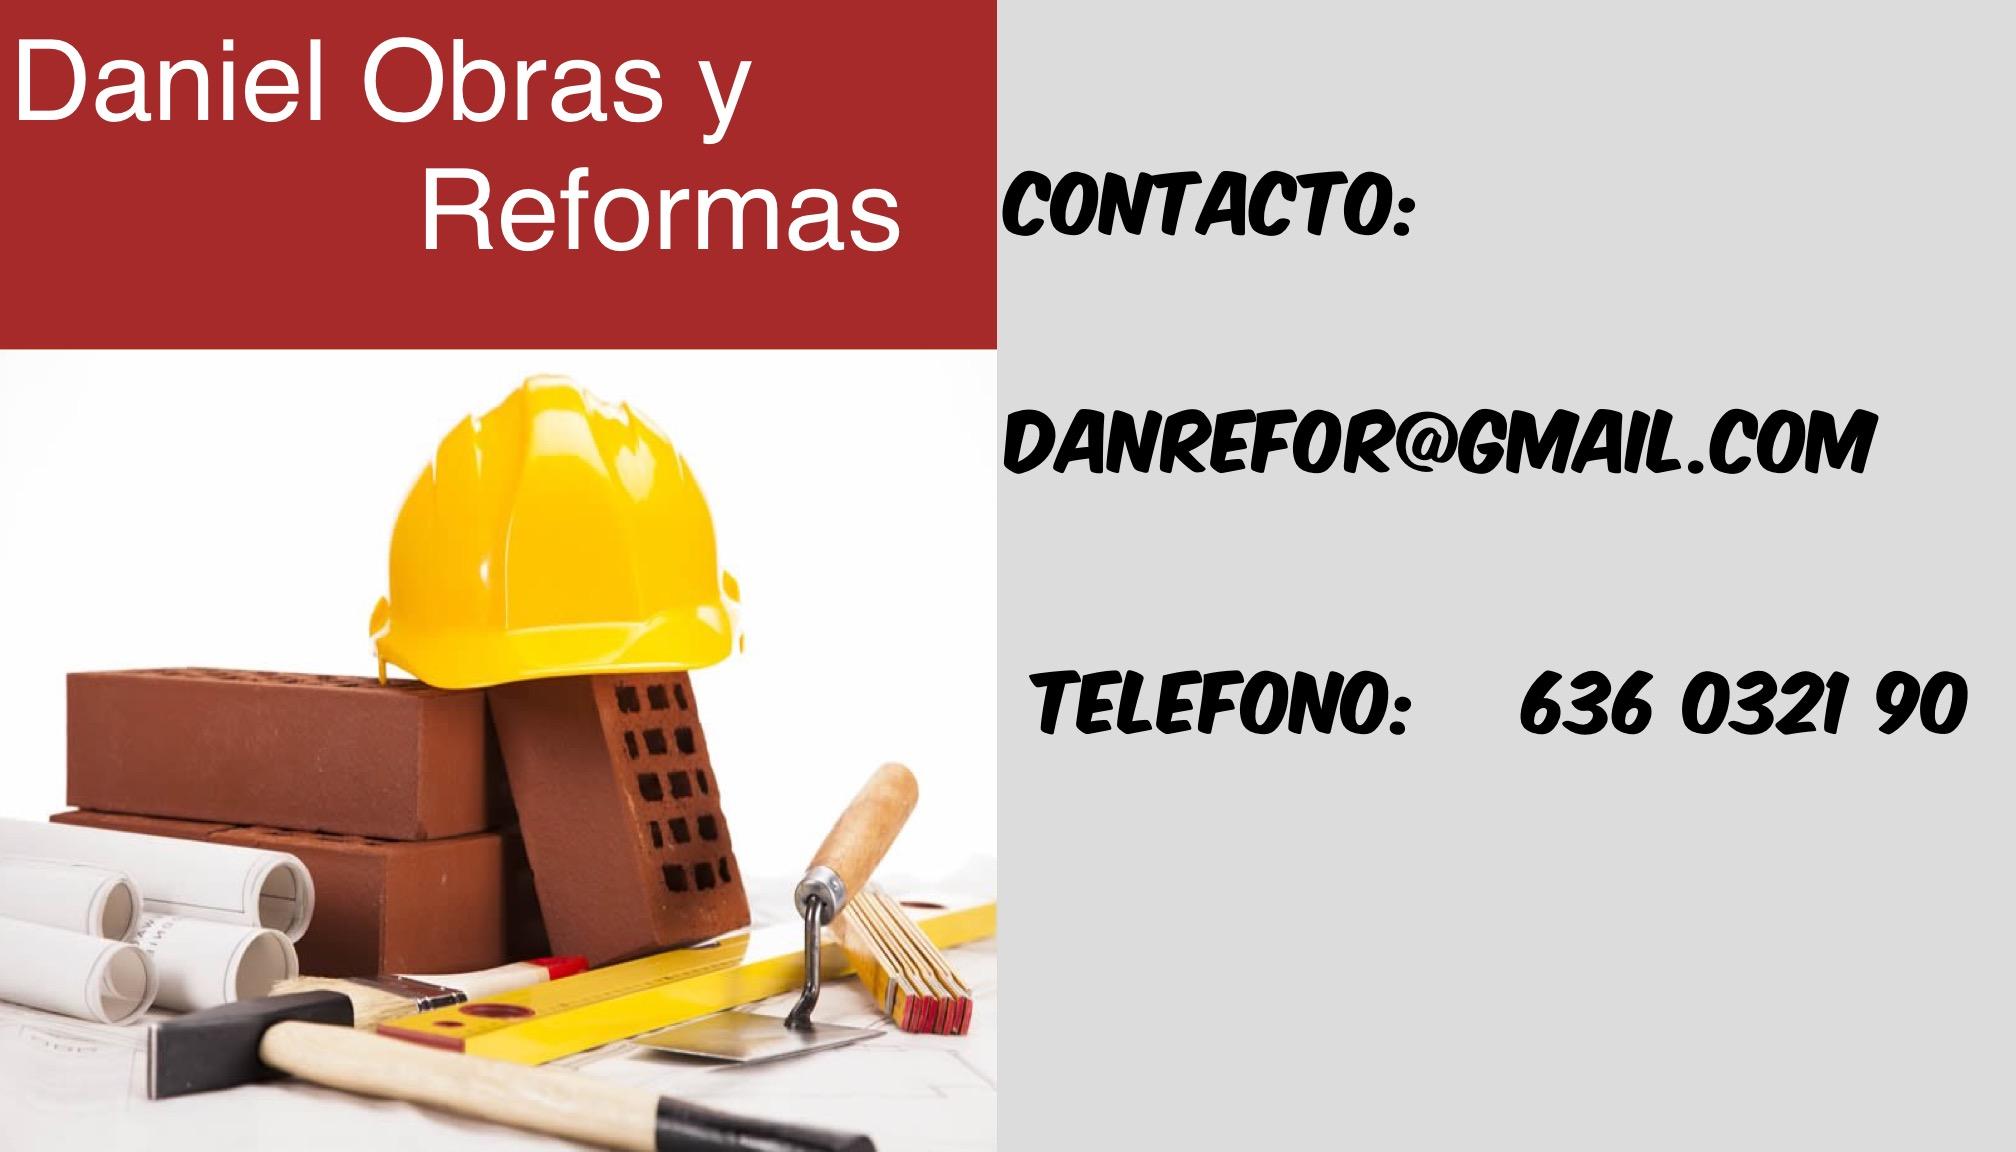 Daniel Obras y Reformas